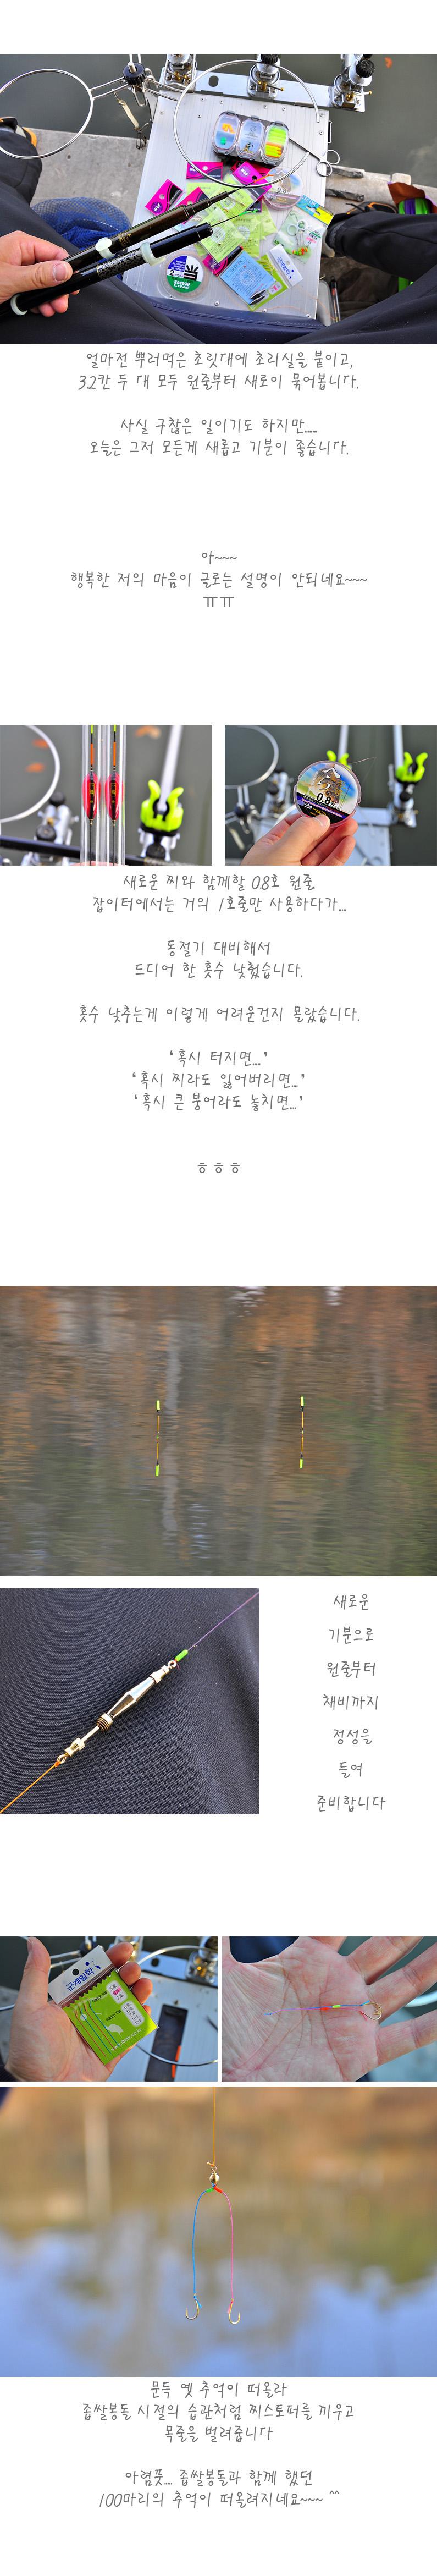 반제지 - 03.jpg